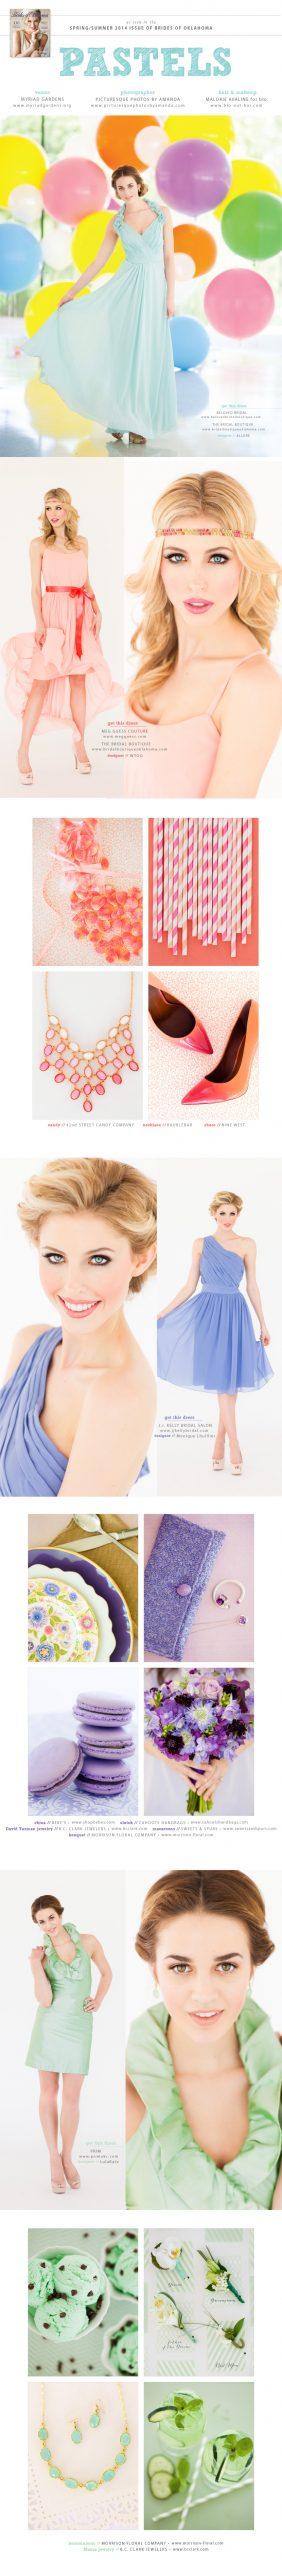 pastels_bridesmaid2014_blog